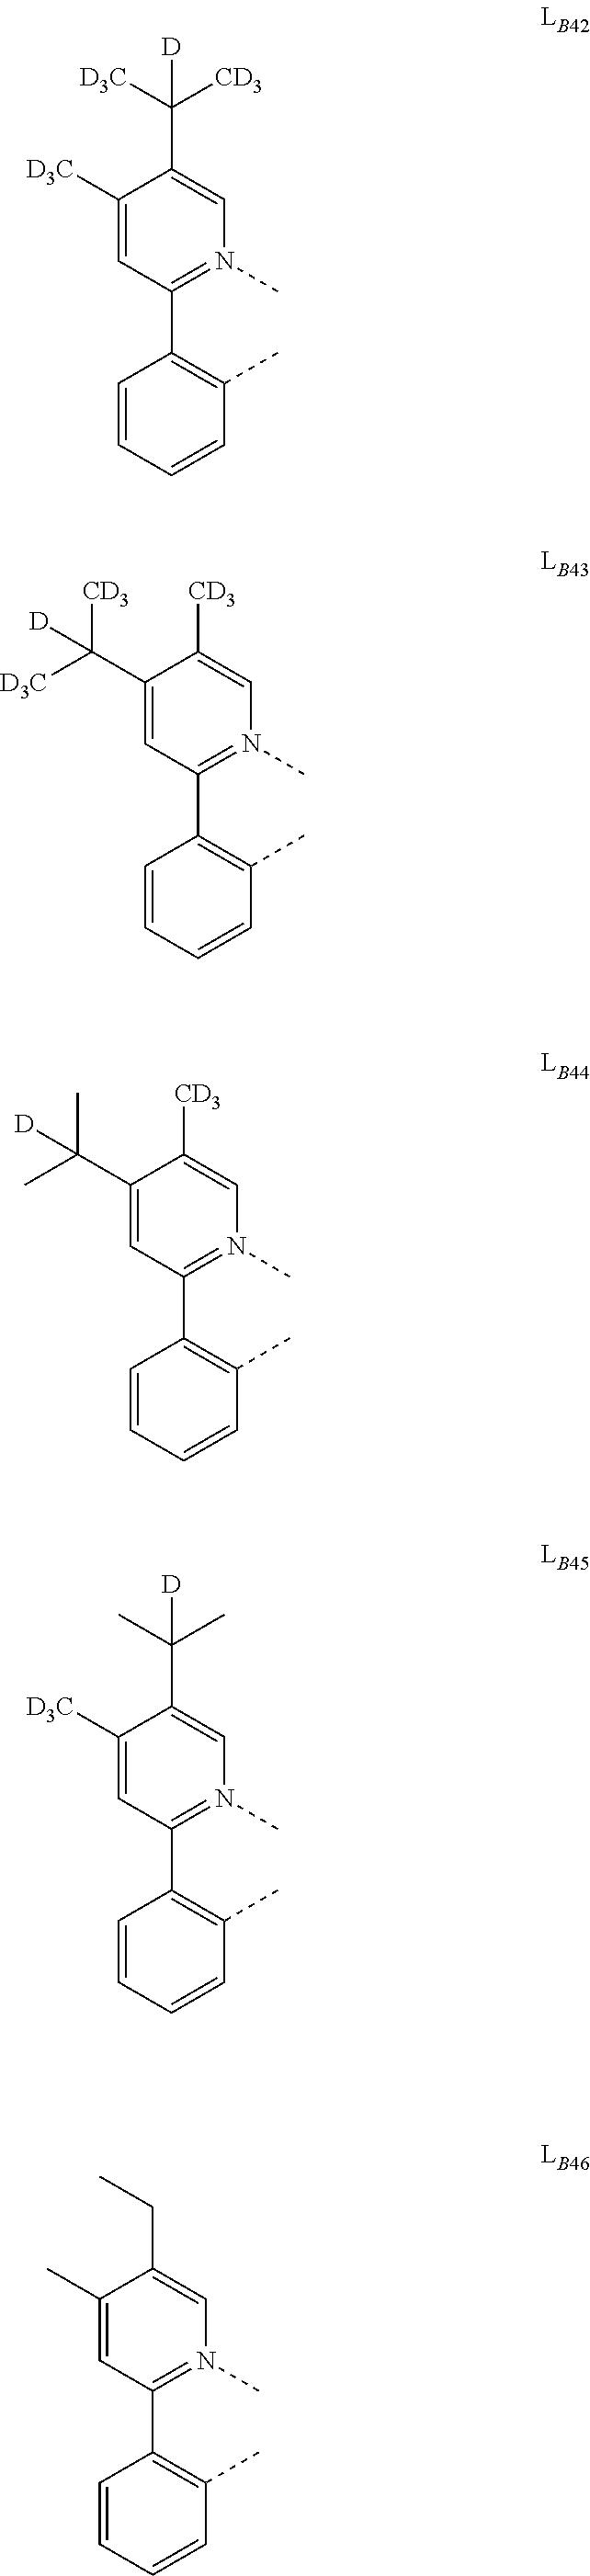 Figure US09929360-20180327-C00045